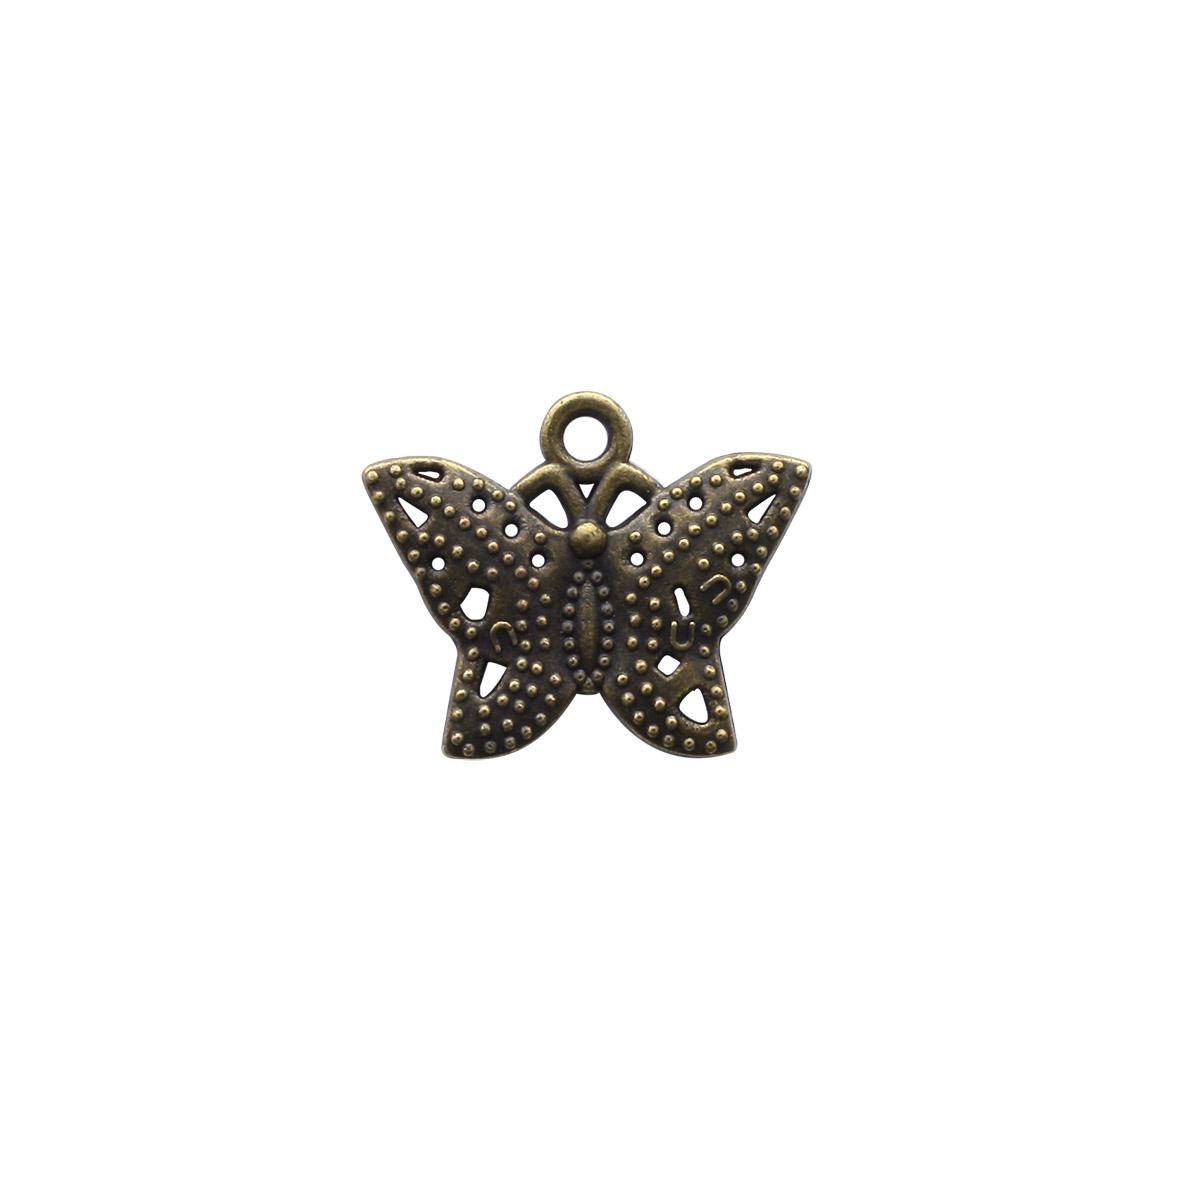 4AR045 Подвеска металлическая бабочка бронза,2шт/упак, Астра